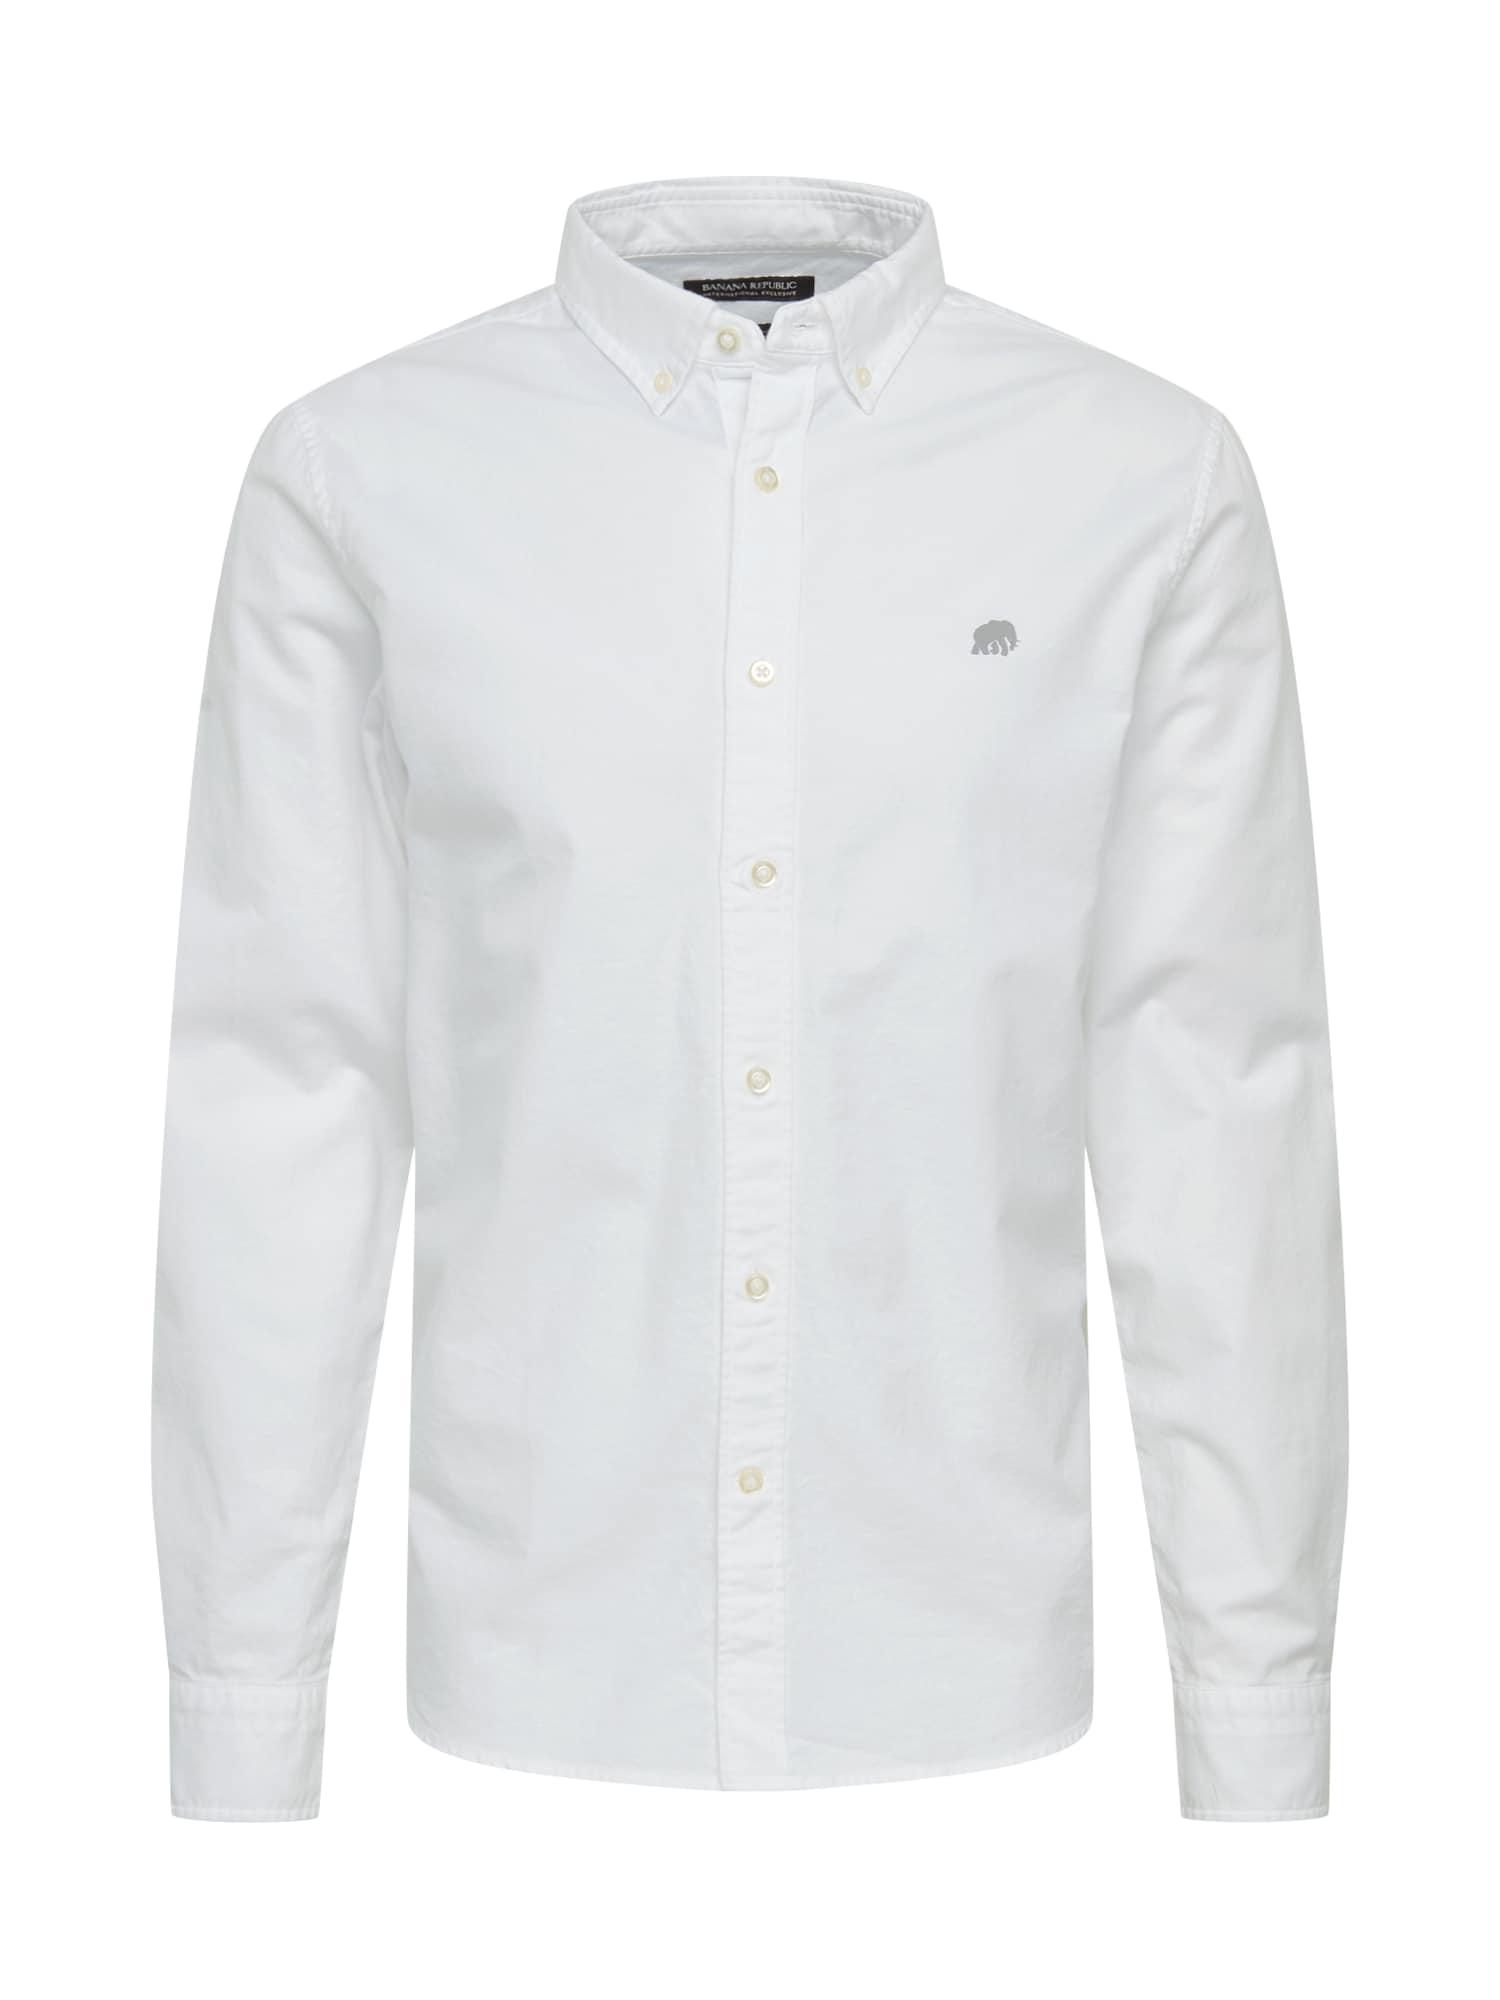 Banana Republic Dalykiniai marškiniai 'SOLID' balta